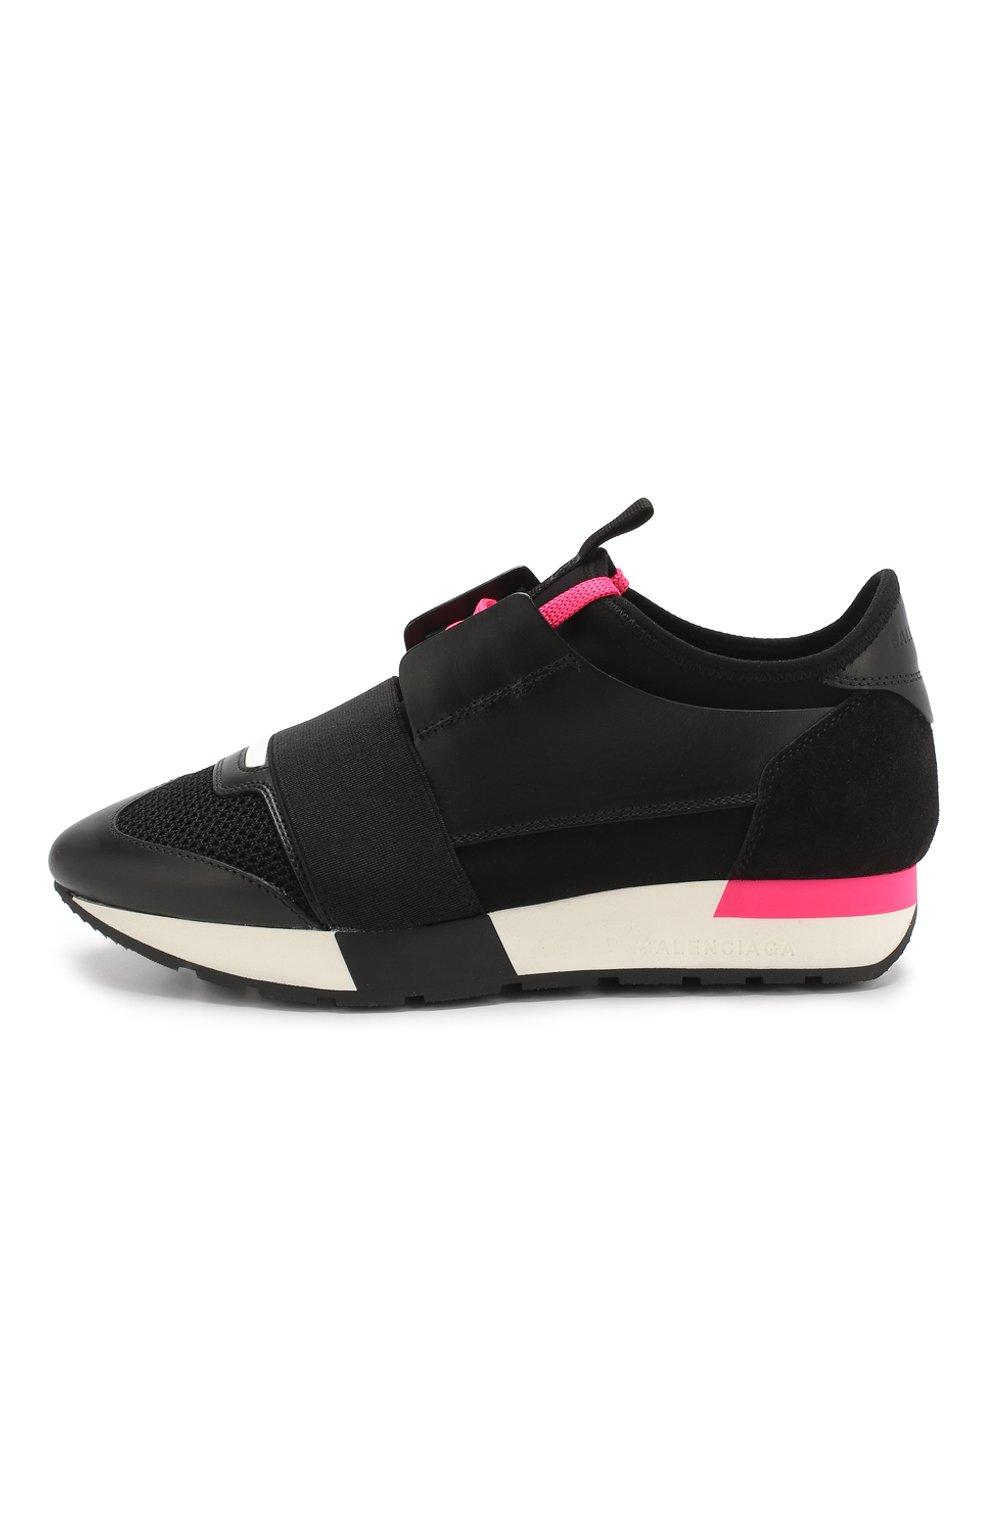 3d86ae98782f Женская обувь Balenciaga по цене от 18 800 руб. купить в интернет-магазине  ЦУМ